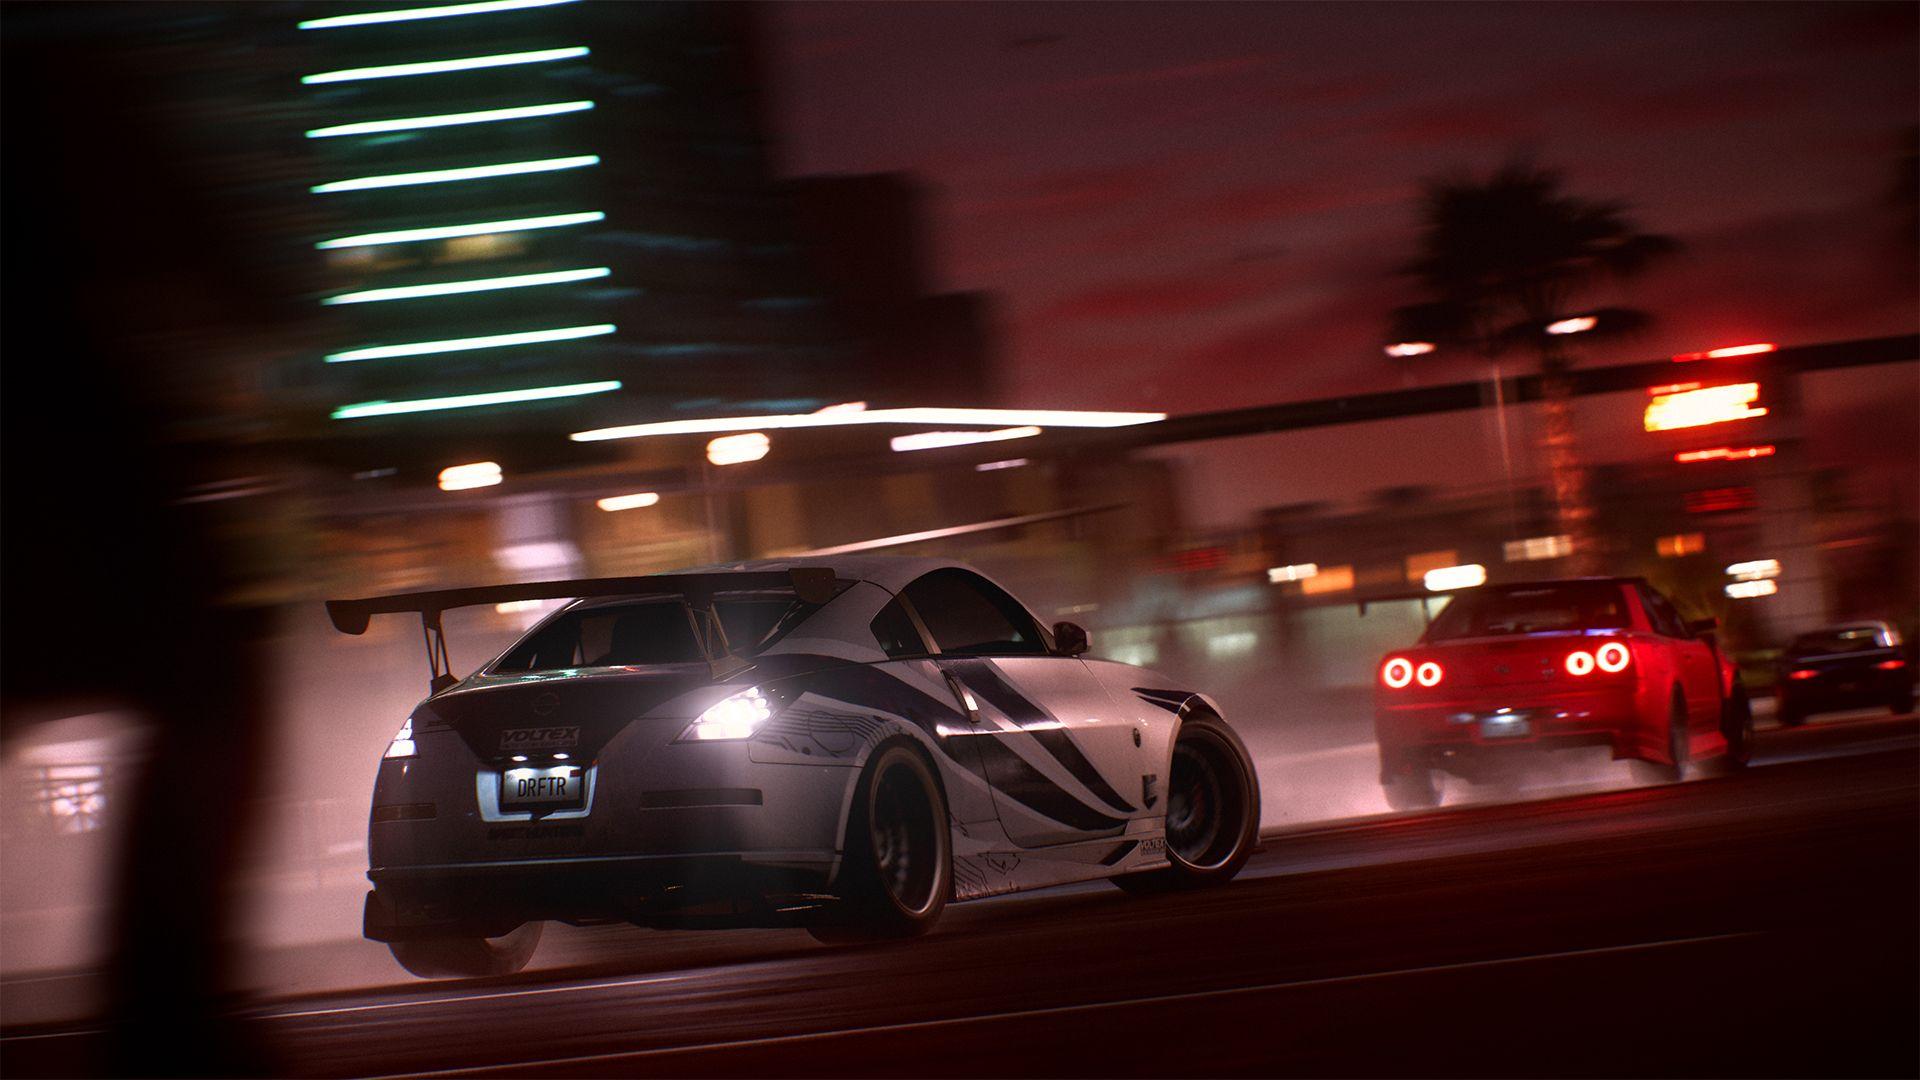 Скриншоты к Need for Speed: Payback v1.0.51.15364 (2017/RUS) PC полная версия Repack на русском